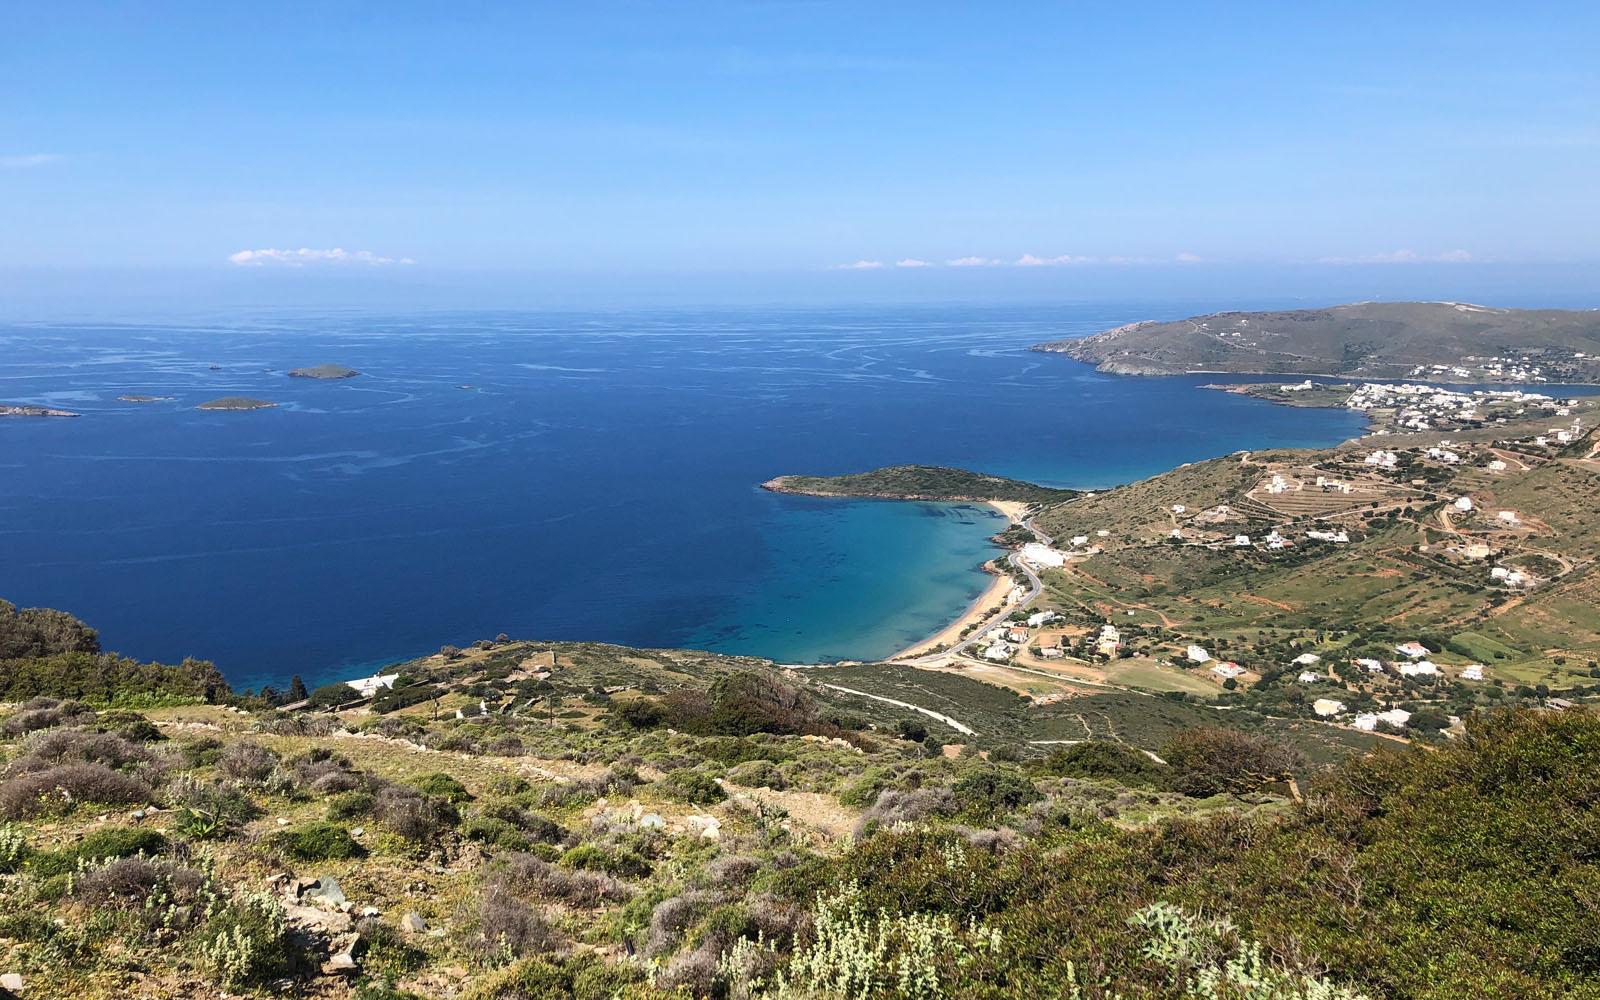 Il panorama che si gode dal monastero Zoodochos Pigi.